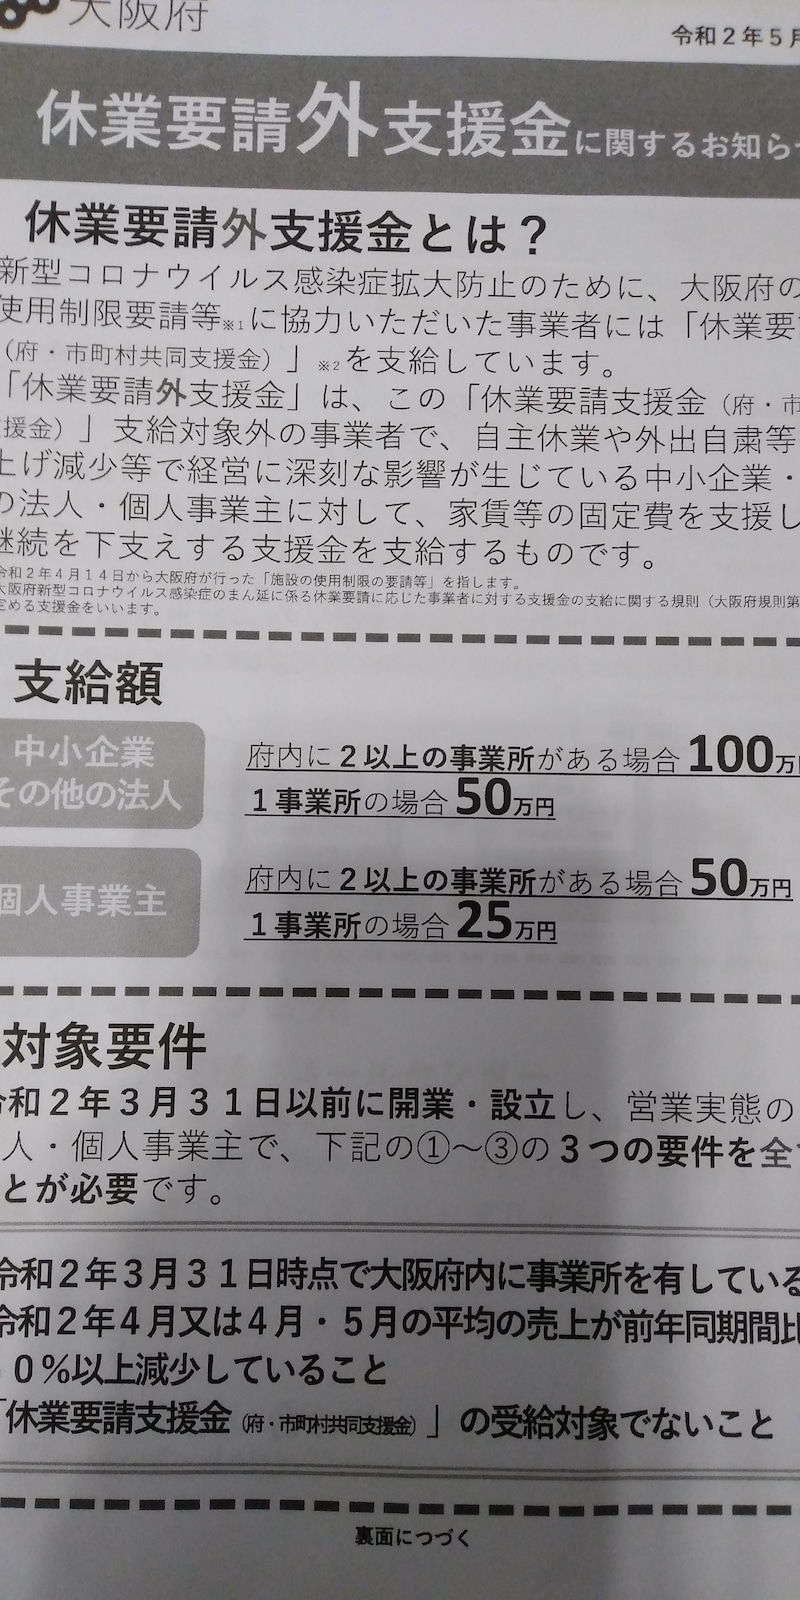 要請 外 休業 時短要請対象外の遊興施設も新型コロナ対策を徹底 大阪市